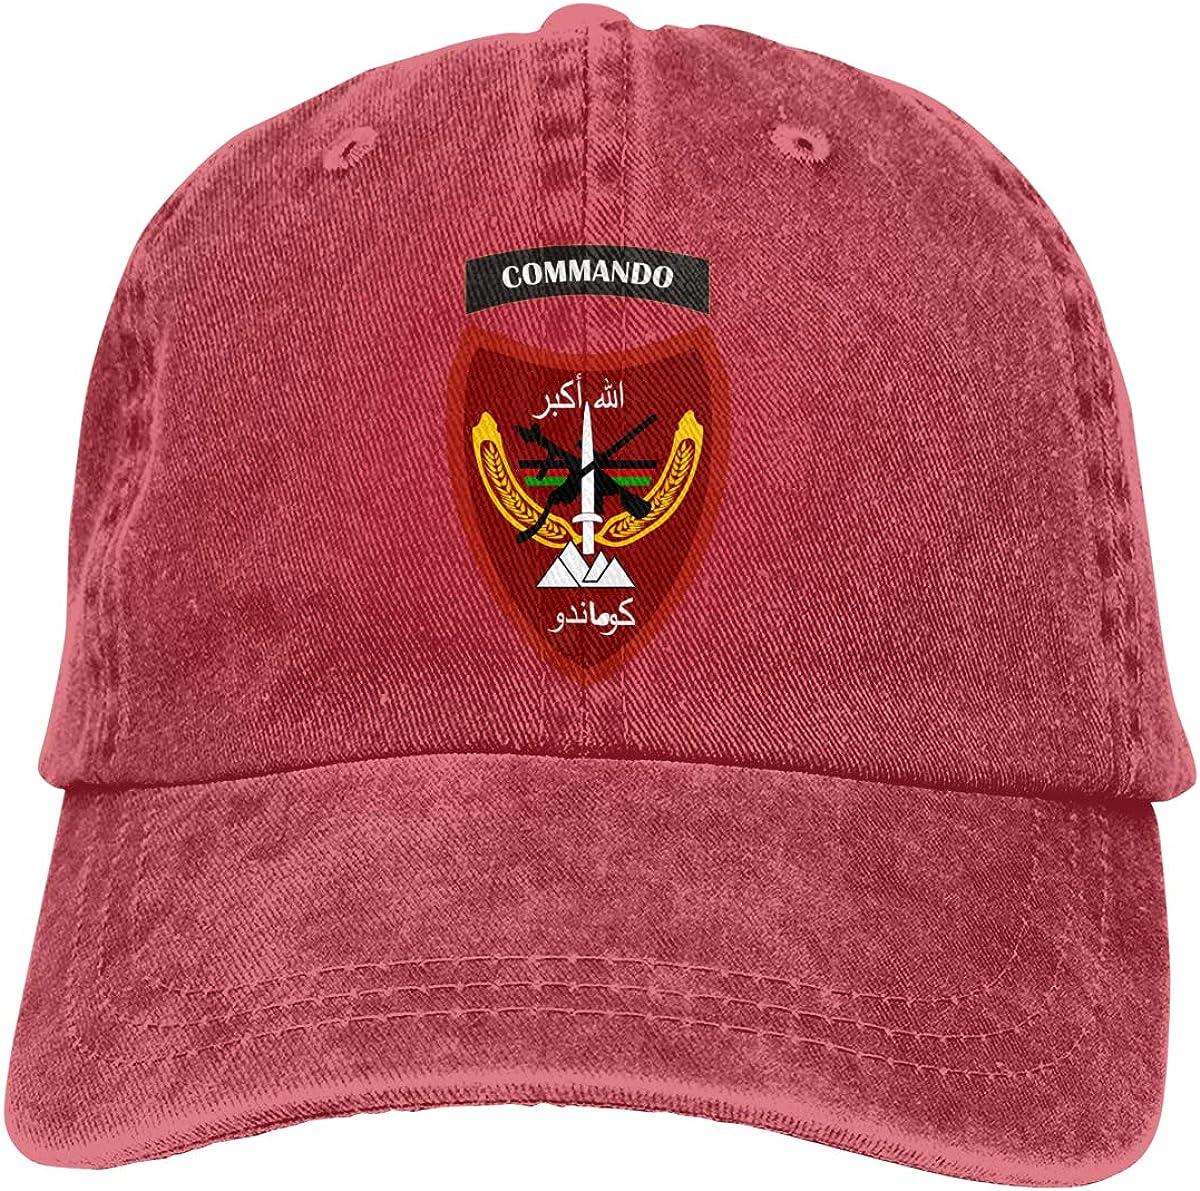 Cappello da Cowboy dellEsercito Nazionale Afgano Commando Corps Classico KioHp per attivit/à allaperto Stile Vintage Asciugatura Rapida Unisex